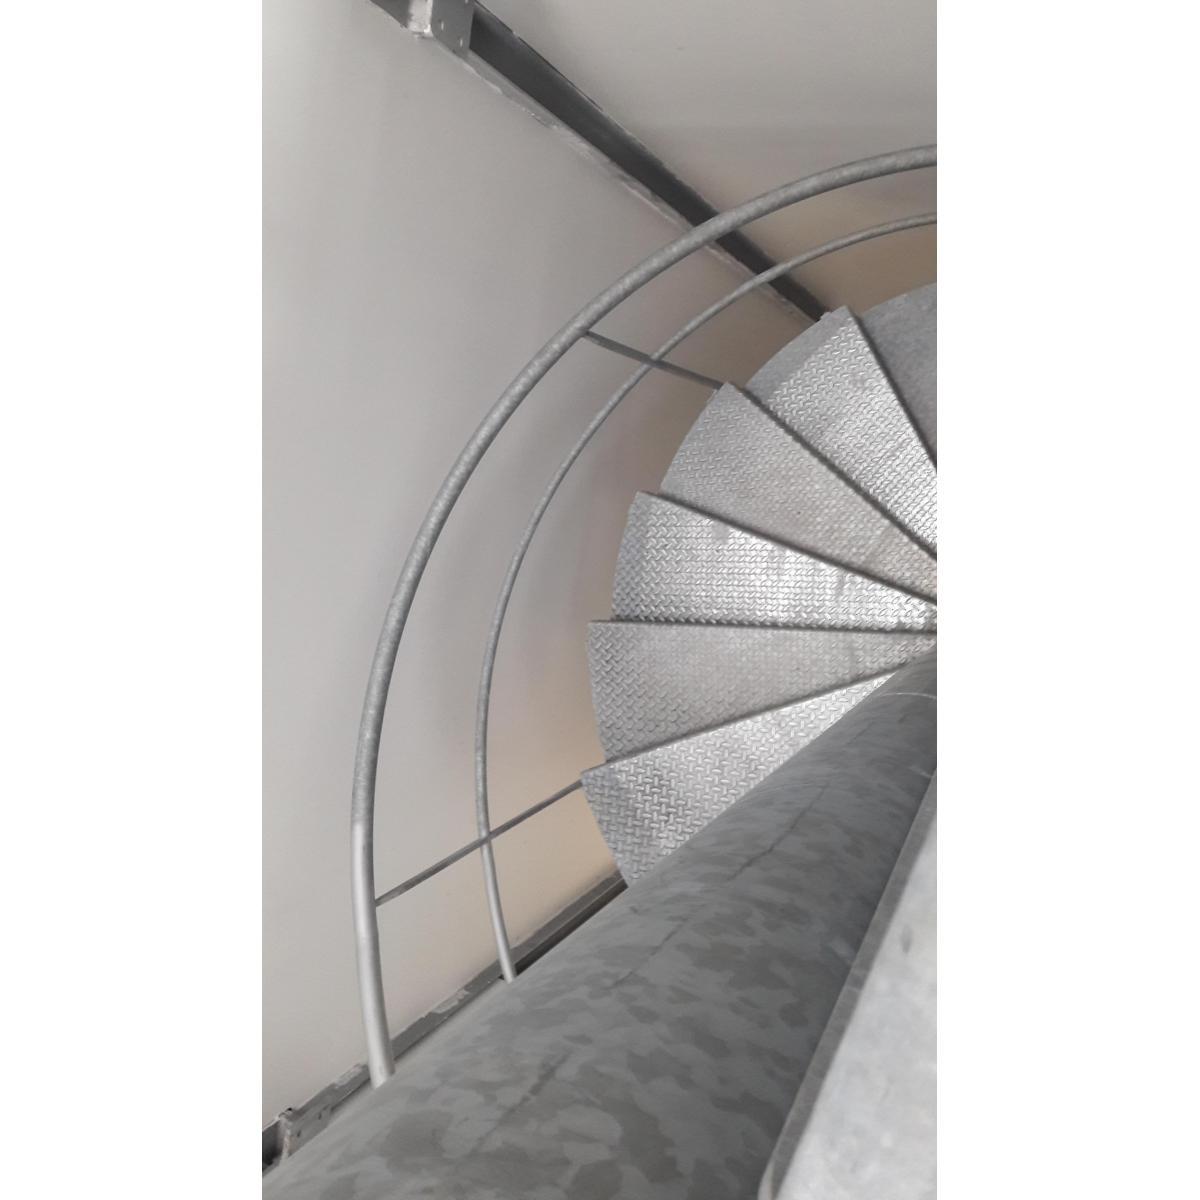 Escalier hélicoïdal réalisé en acier galvanisé